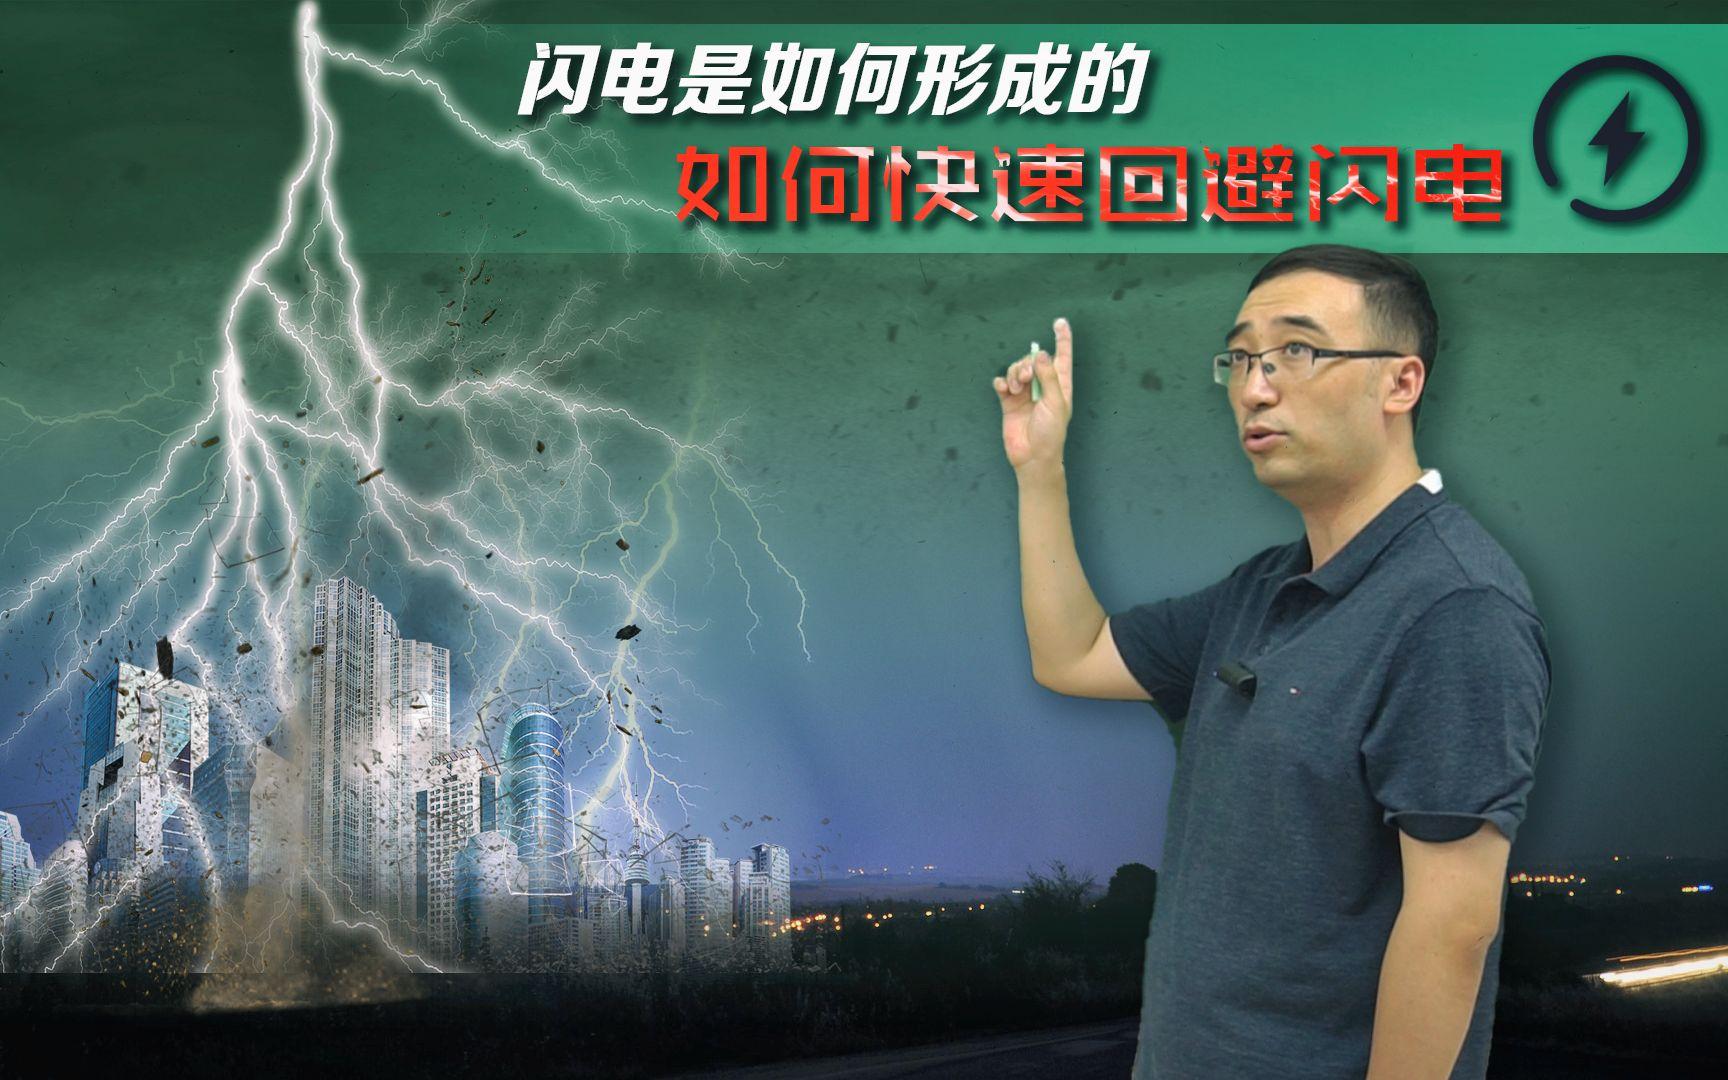 閃電是如何形成的?如何快速回避閃電? 李永樂老師講如何防雷電_嗶哩嗶哩 (゜-゜)つロ 干杯~-bilibili